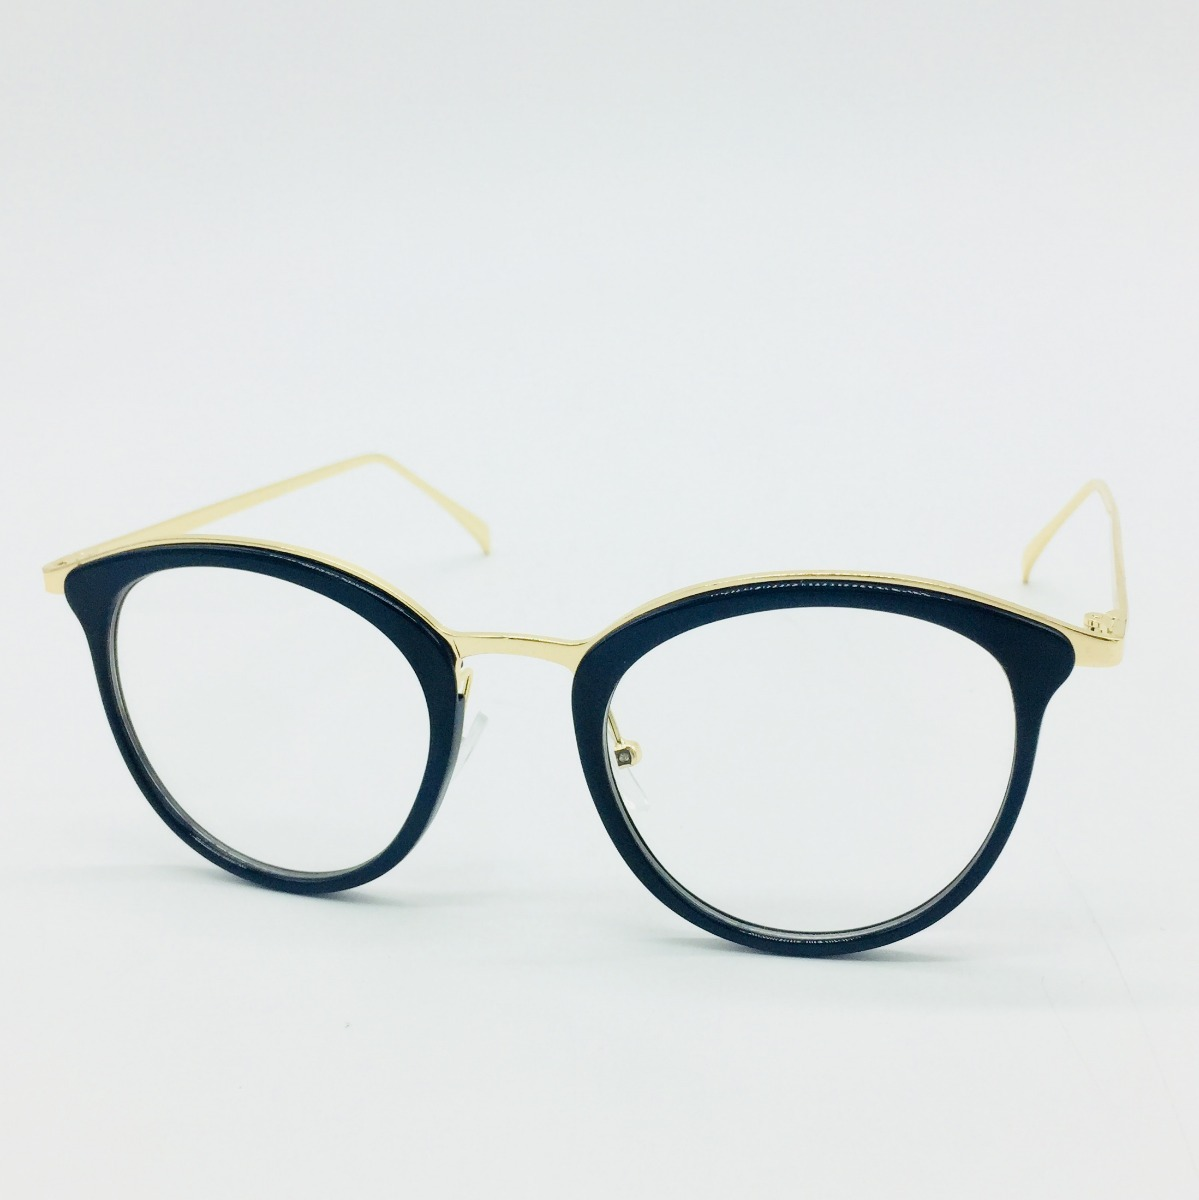 b277074ce armação oculos de grau geek vintage gato moda frete gratis. Carregando zoom.